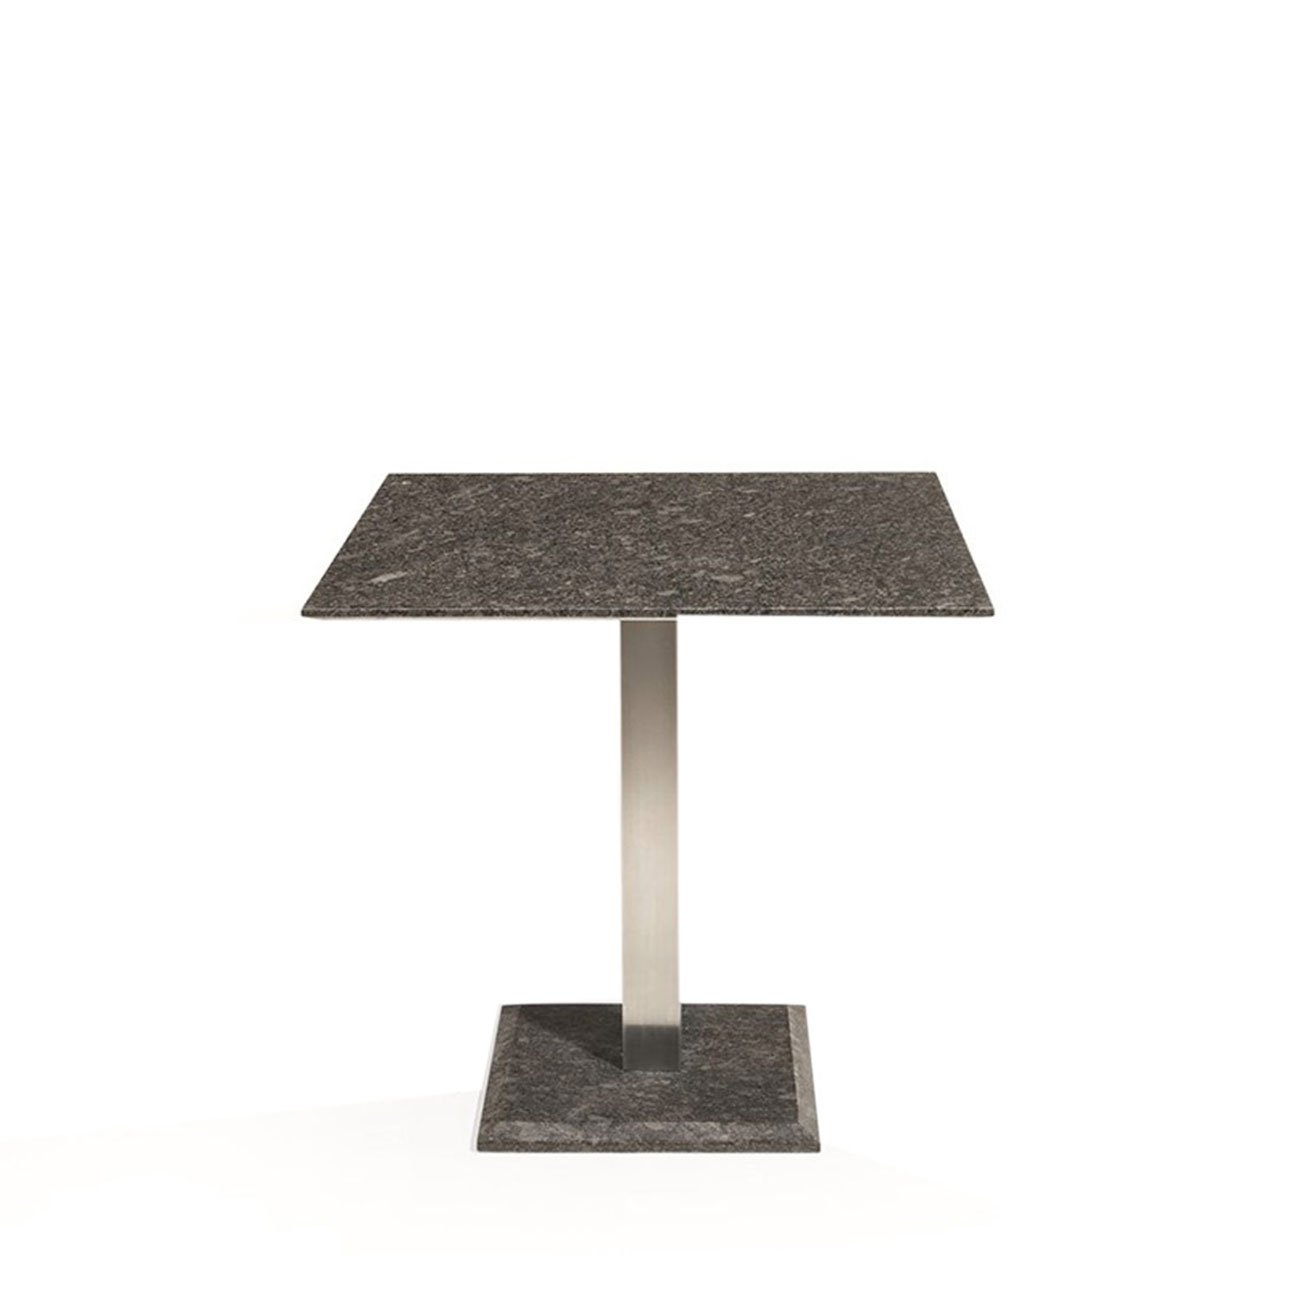 OUTLIV. Gartentisch Edam Gartentisch 80x80 cm Edelstahl/Granit Pearl Black Tisch Garten